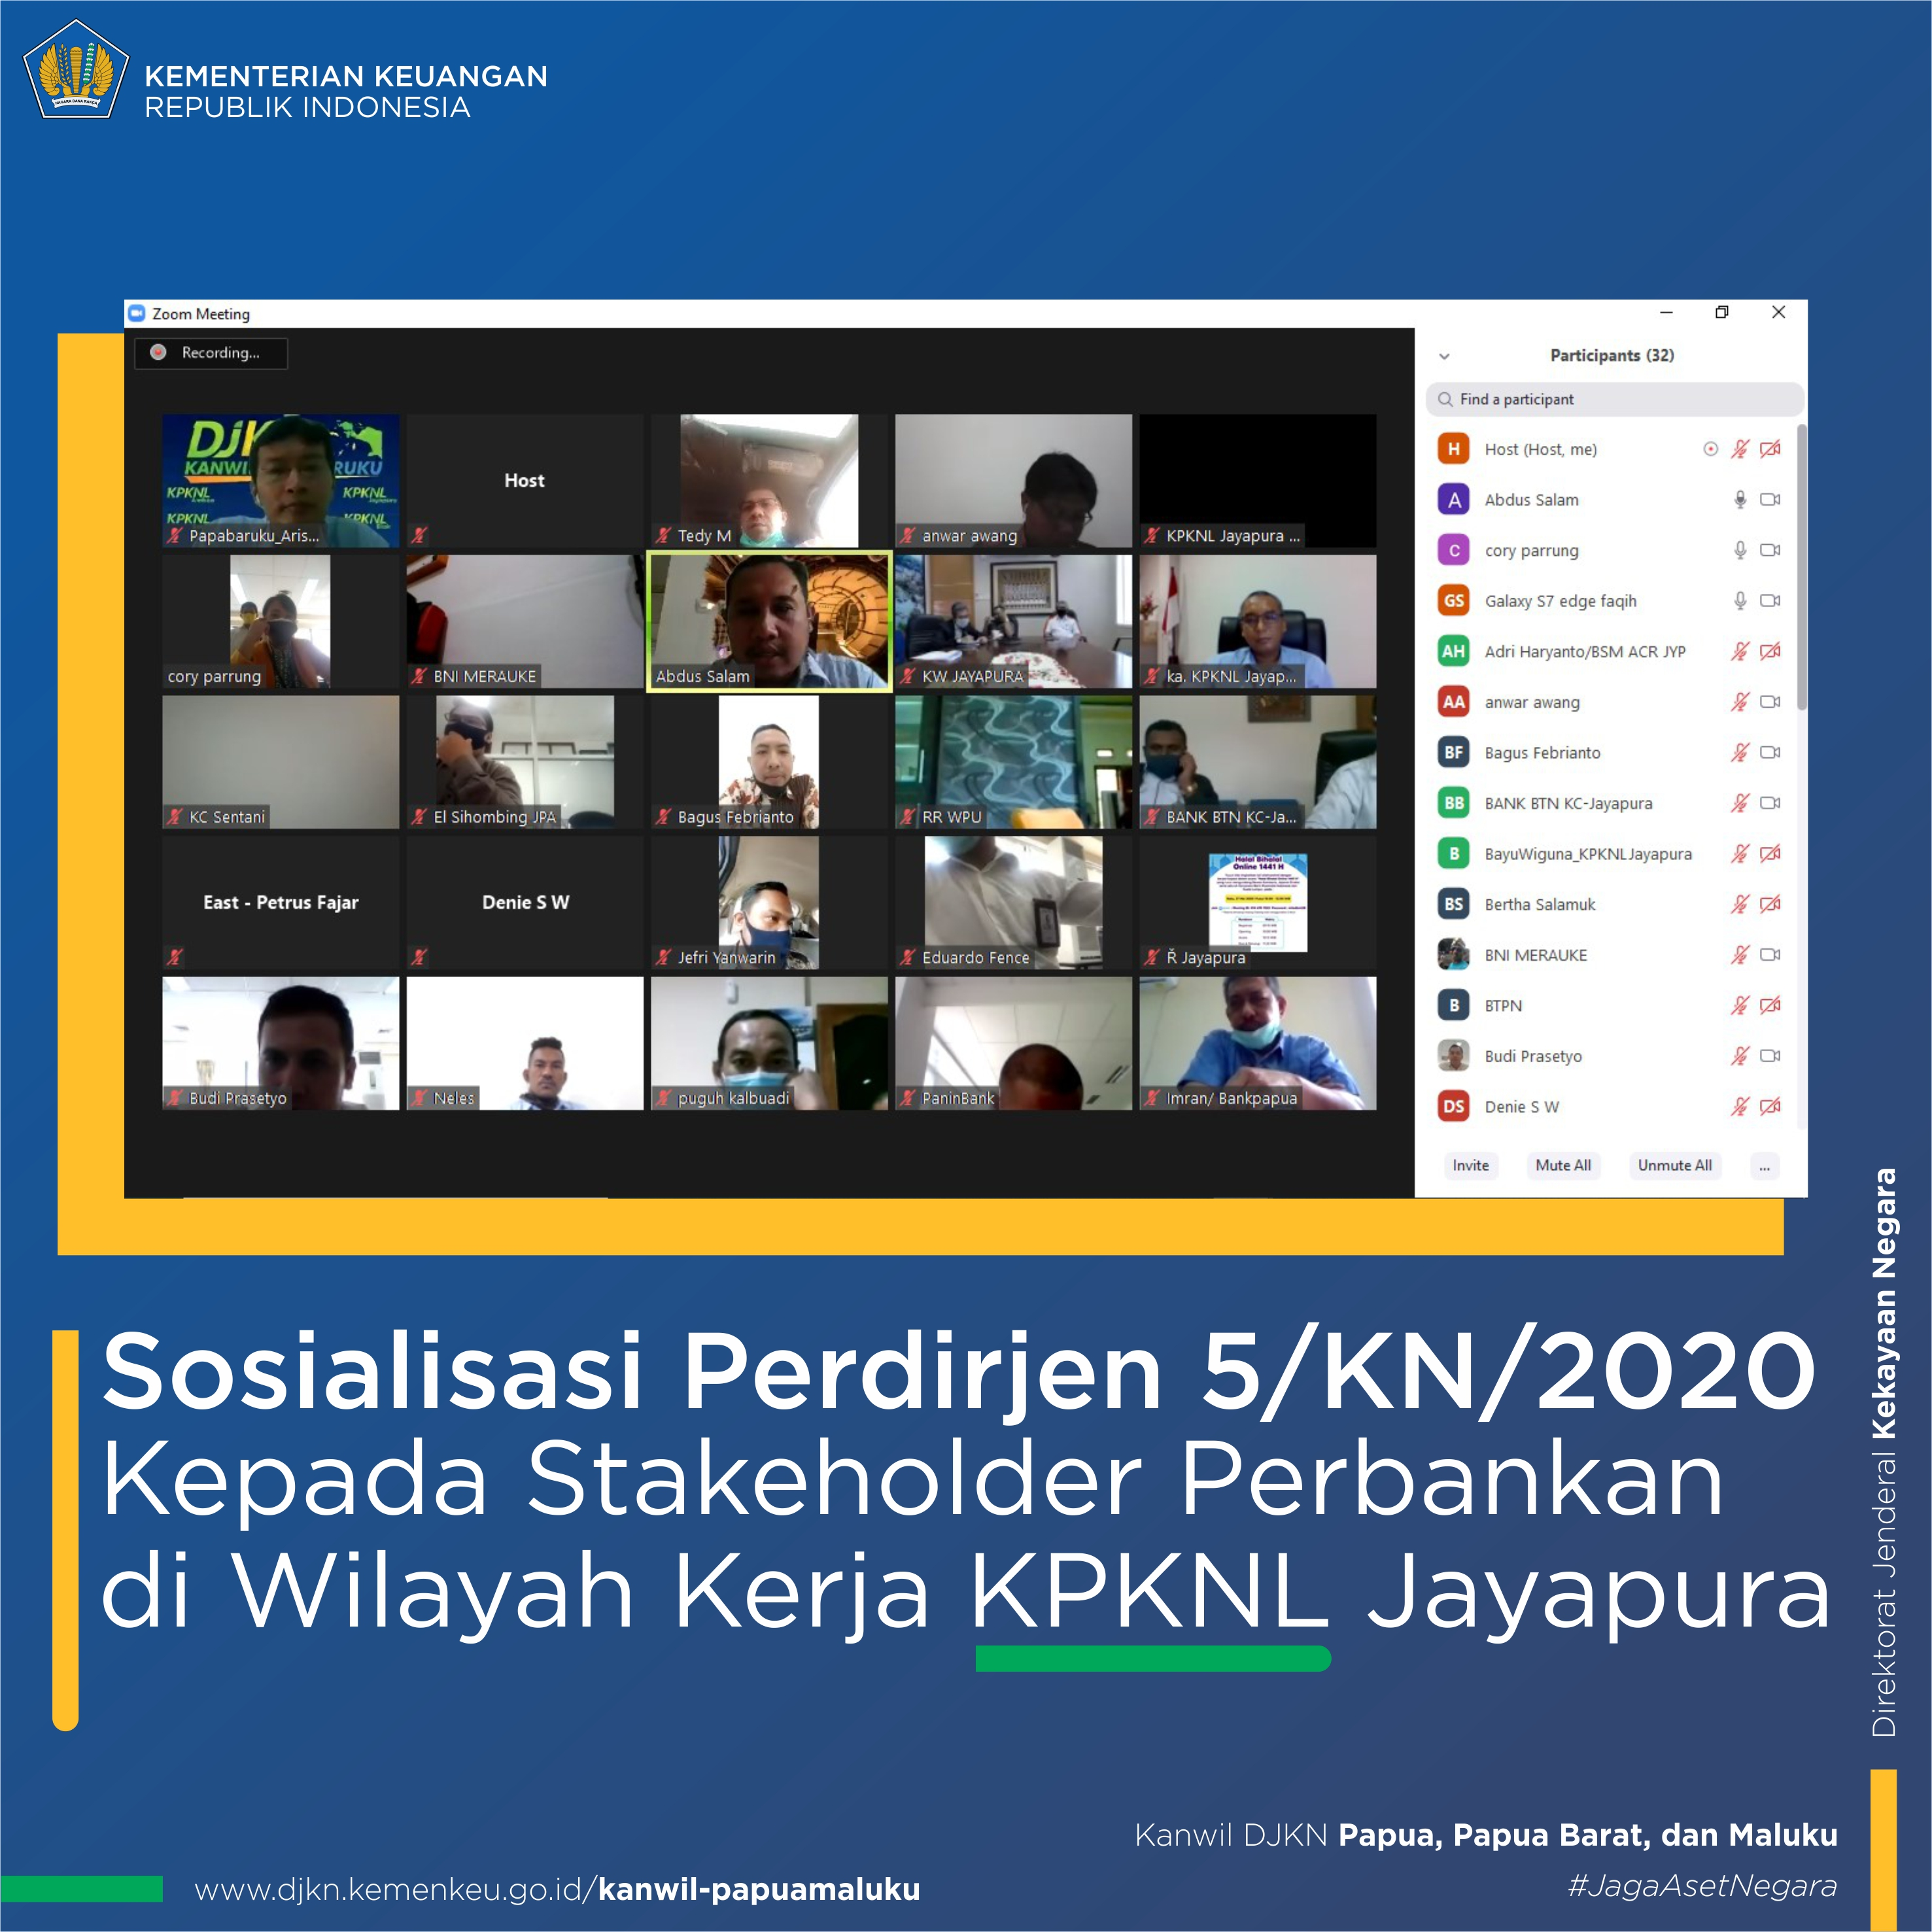 sosialisasi Perdirjen 5/KN/2020 kepada stakeholders Perbankan di wilayah KPKNL Jayapura